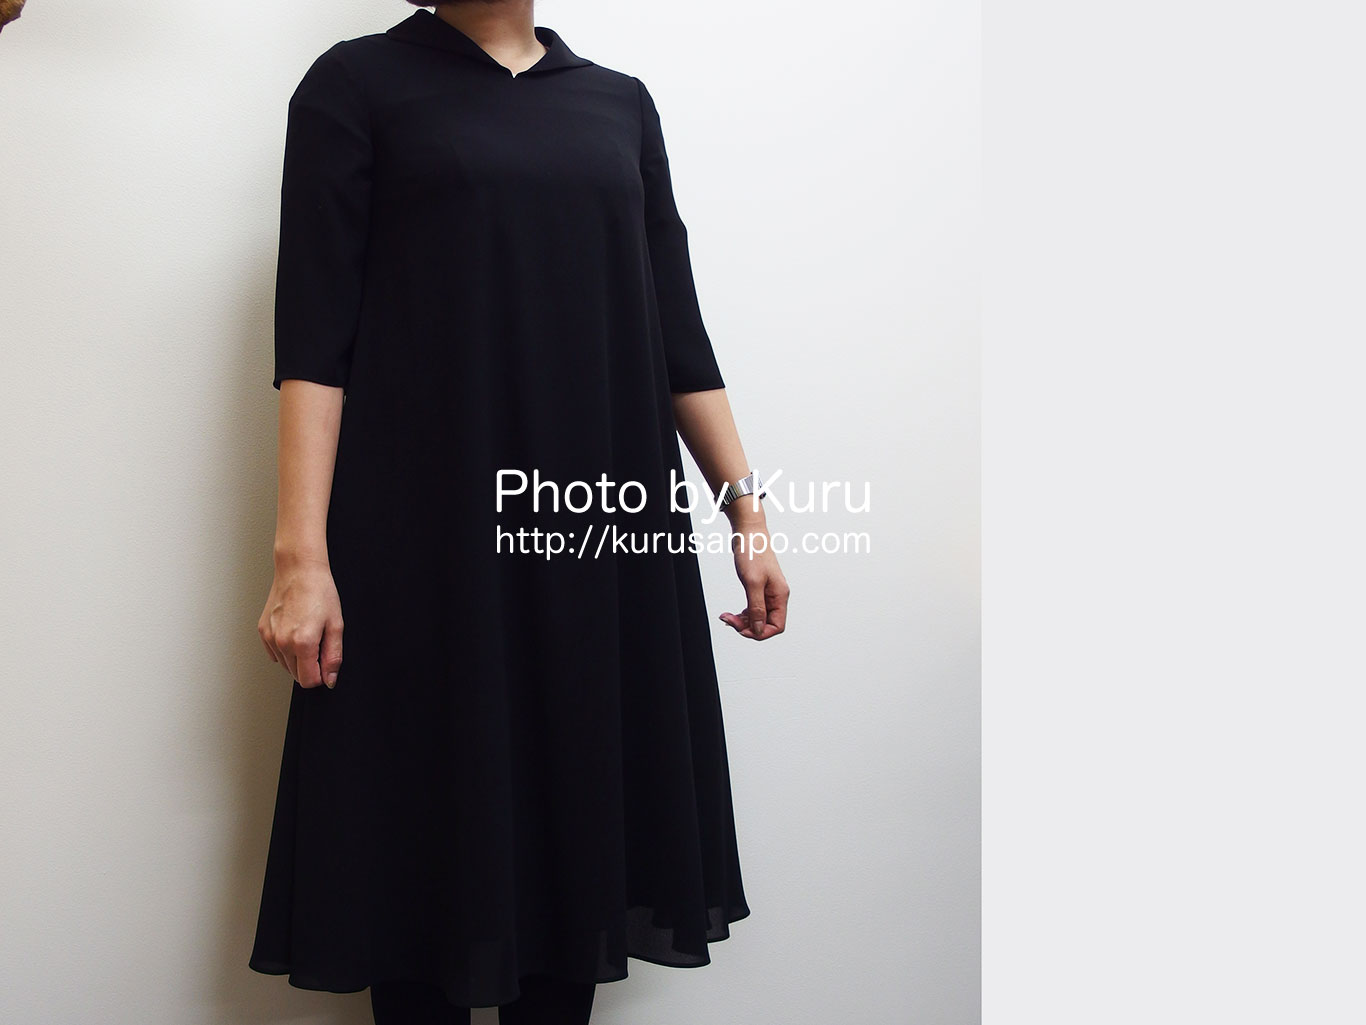 ベルメゾンの『黒田知永子×東京ソワール ブラックワンピース』が素敵♪